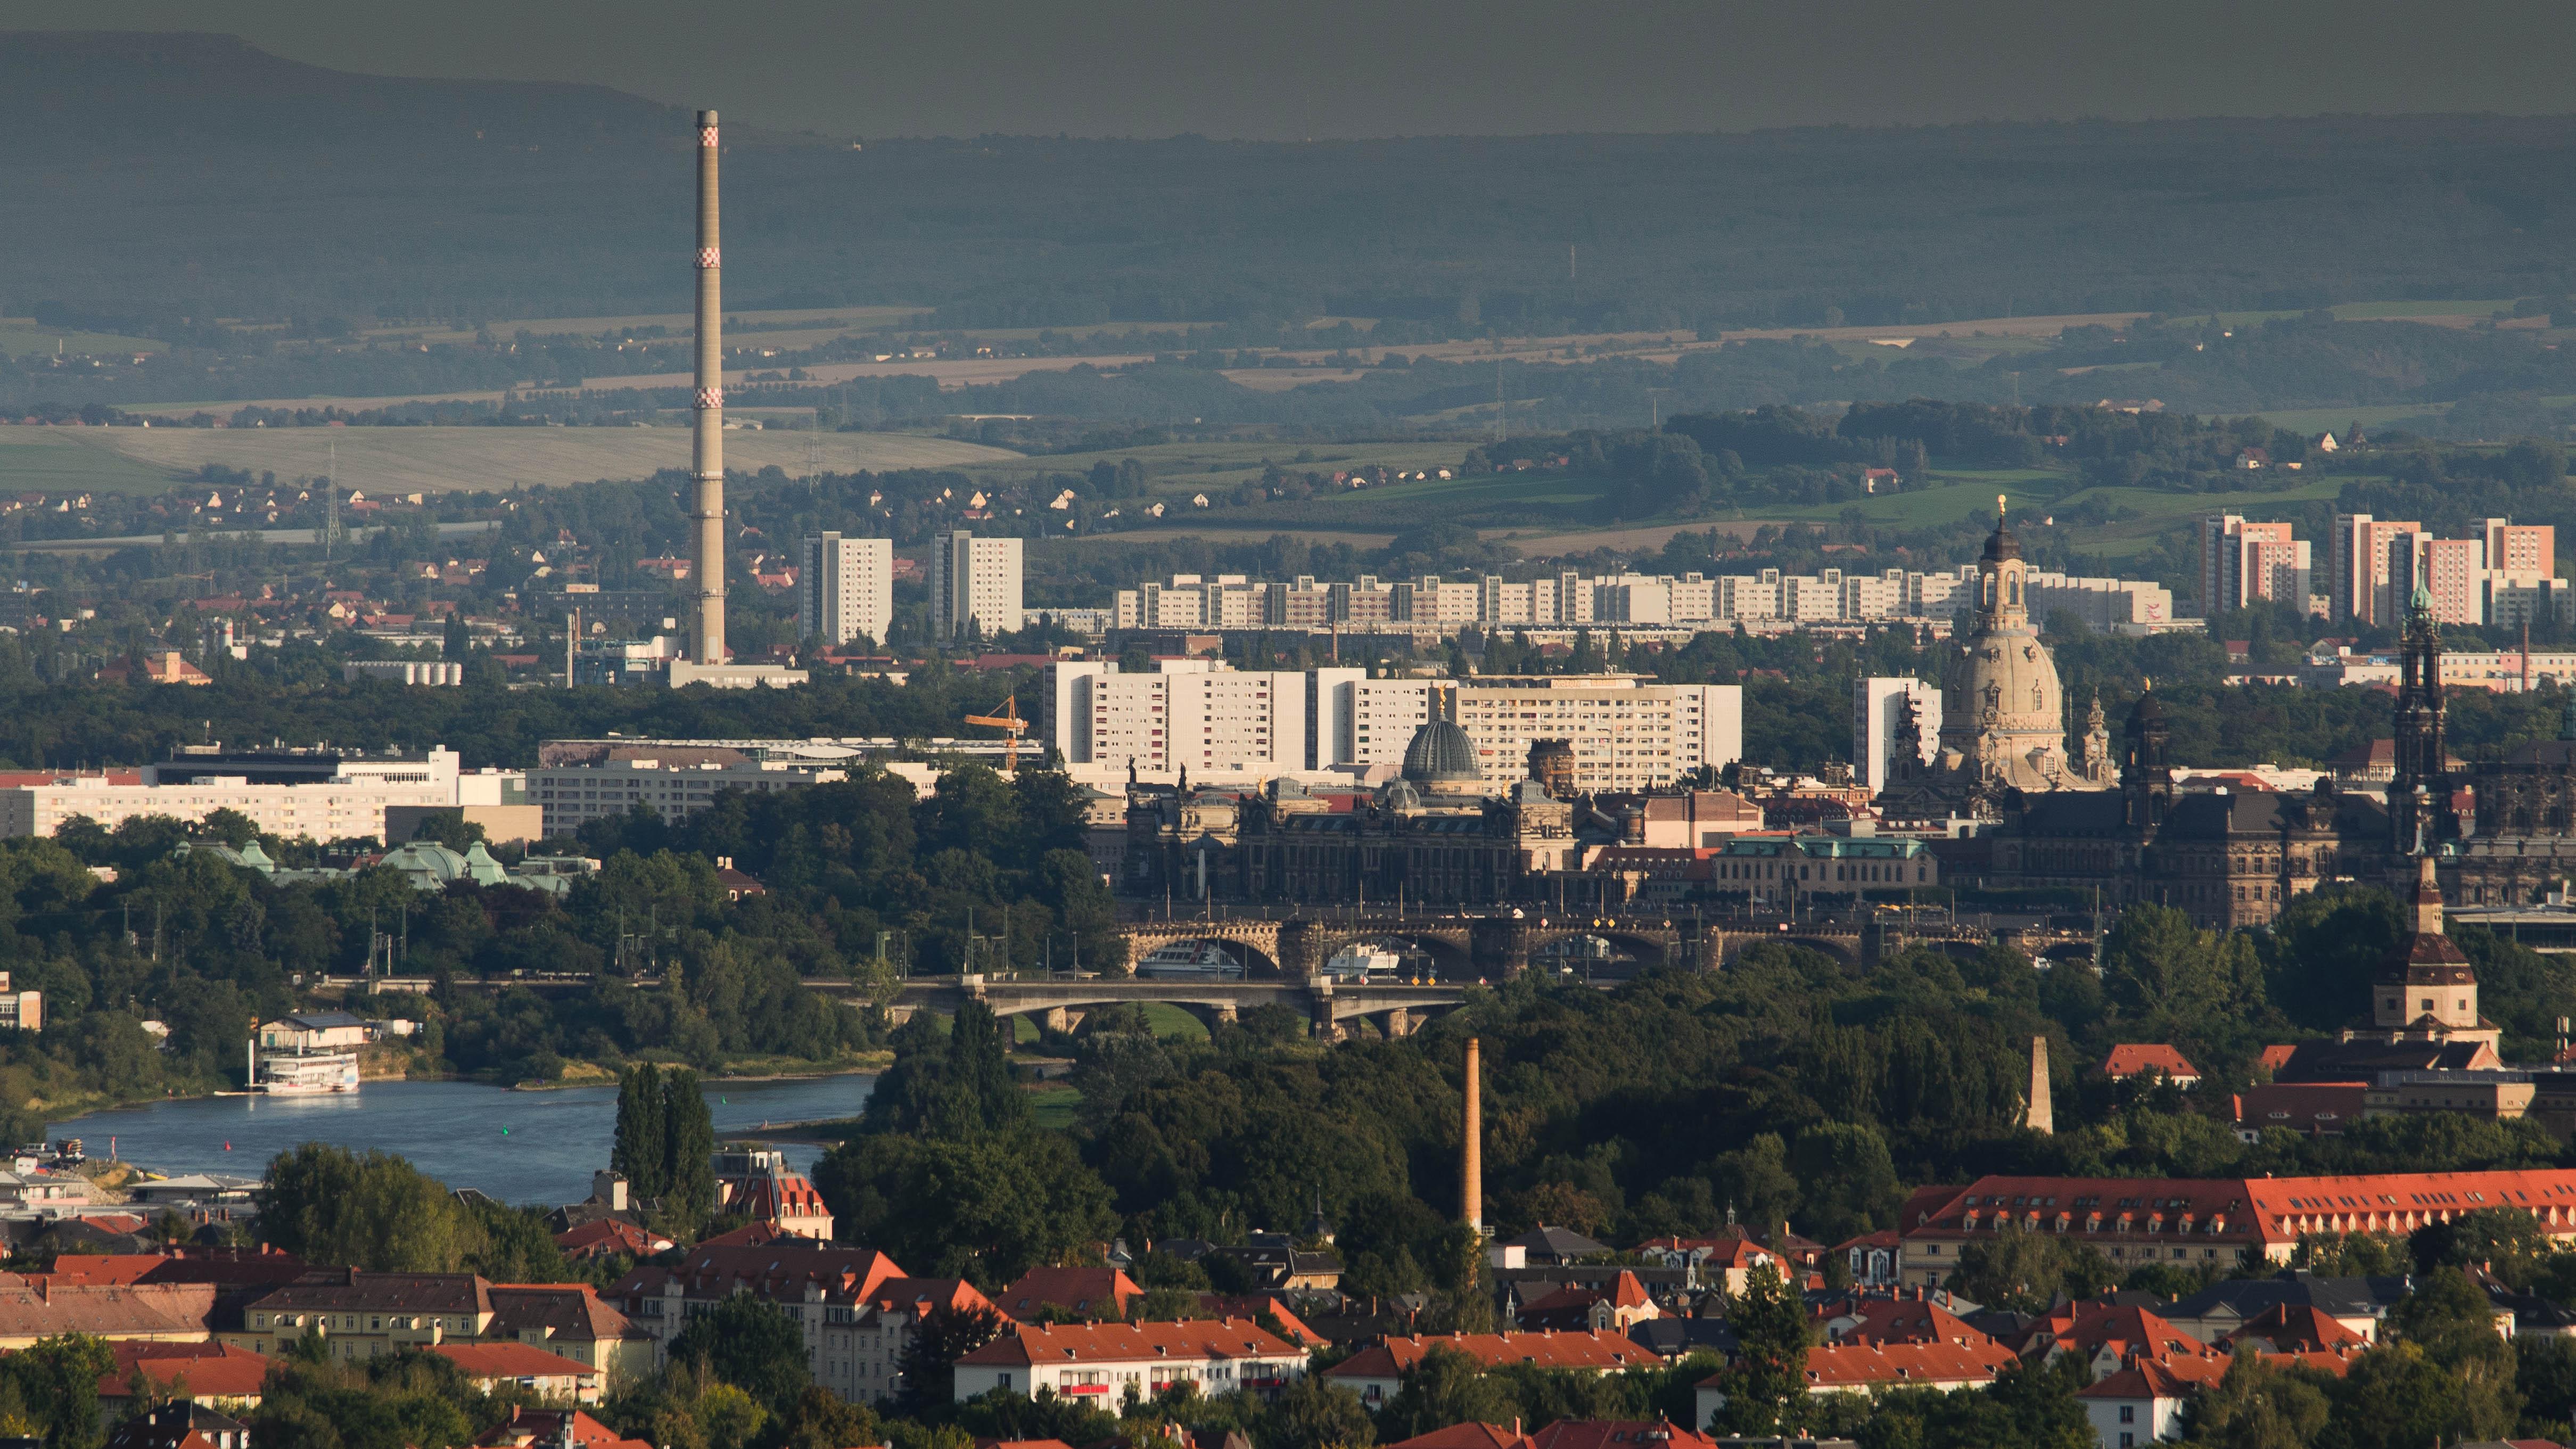 Der Paul-Crutzen-Preis geht 2015 an Dr. Sebastian Scheinhardt vom Leibniz-Institut für Troposphärenforschung (TROPOS) für eine Publikation über die Auswirkungen des Klimawandels auf die Luftqualität in Dresden. Foto: Tilo Arnhold/ TROPOS